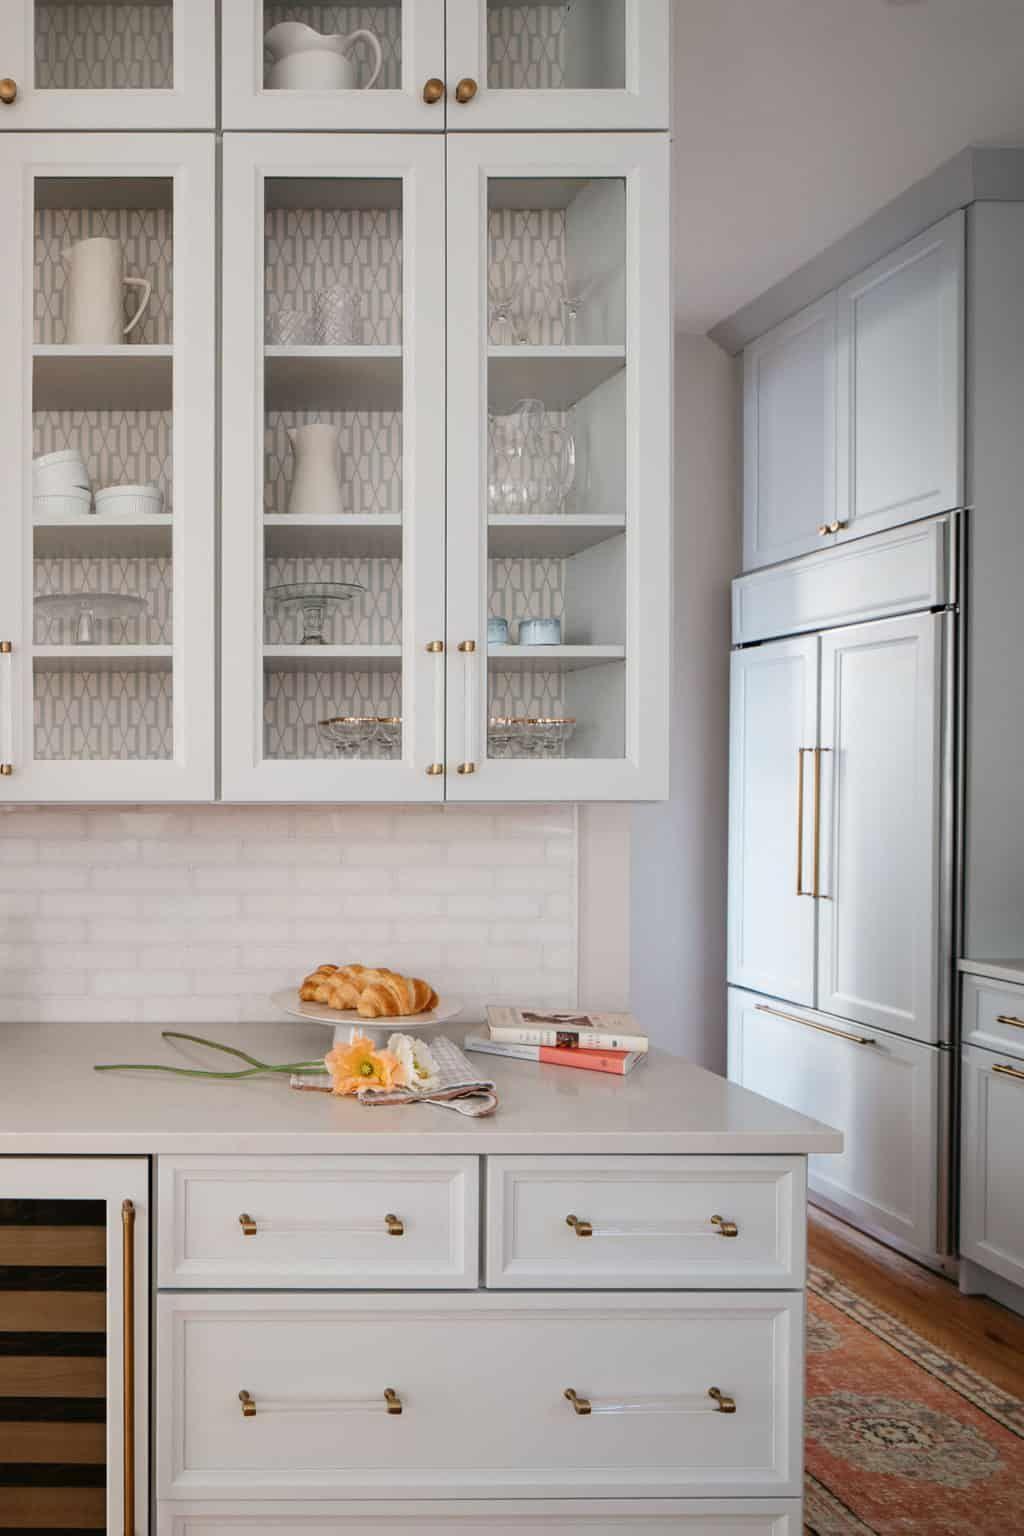 Above Kitchen Cabinet Wallpaper - Kitchen Ideas